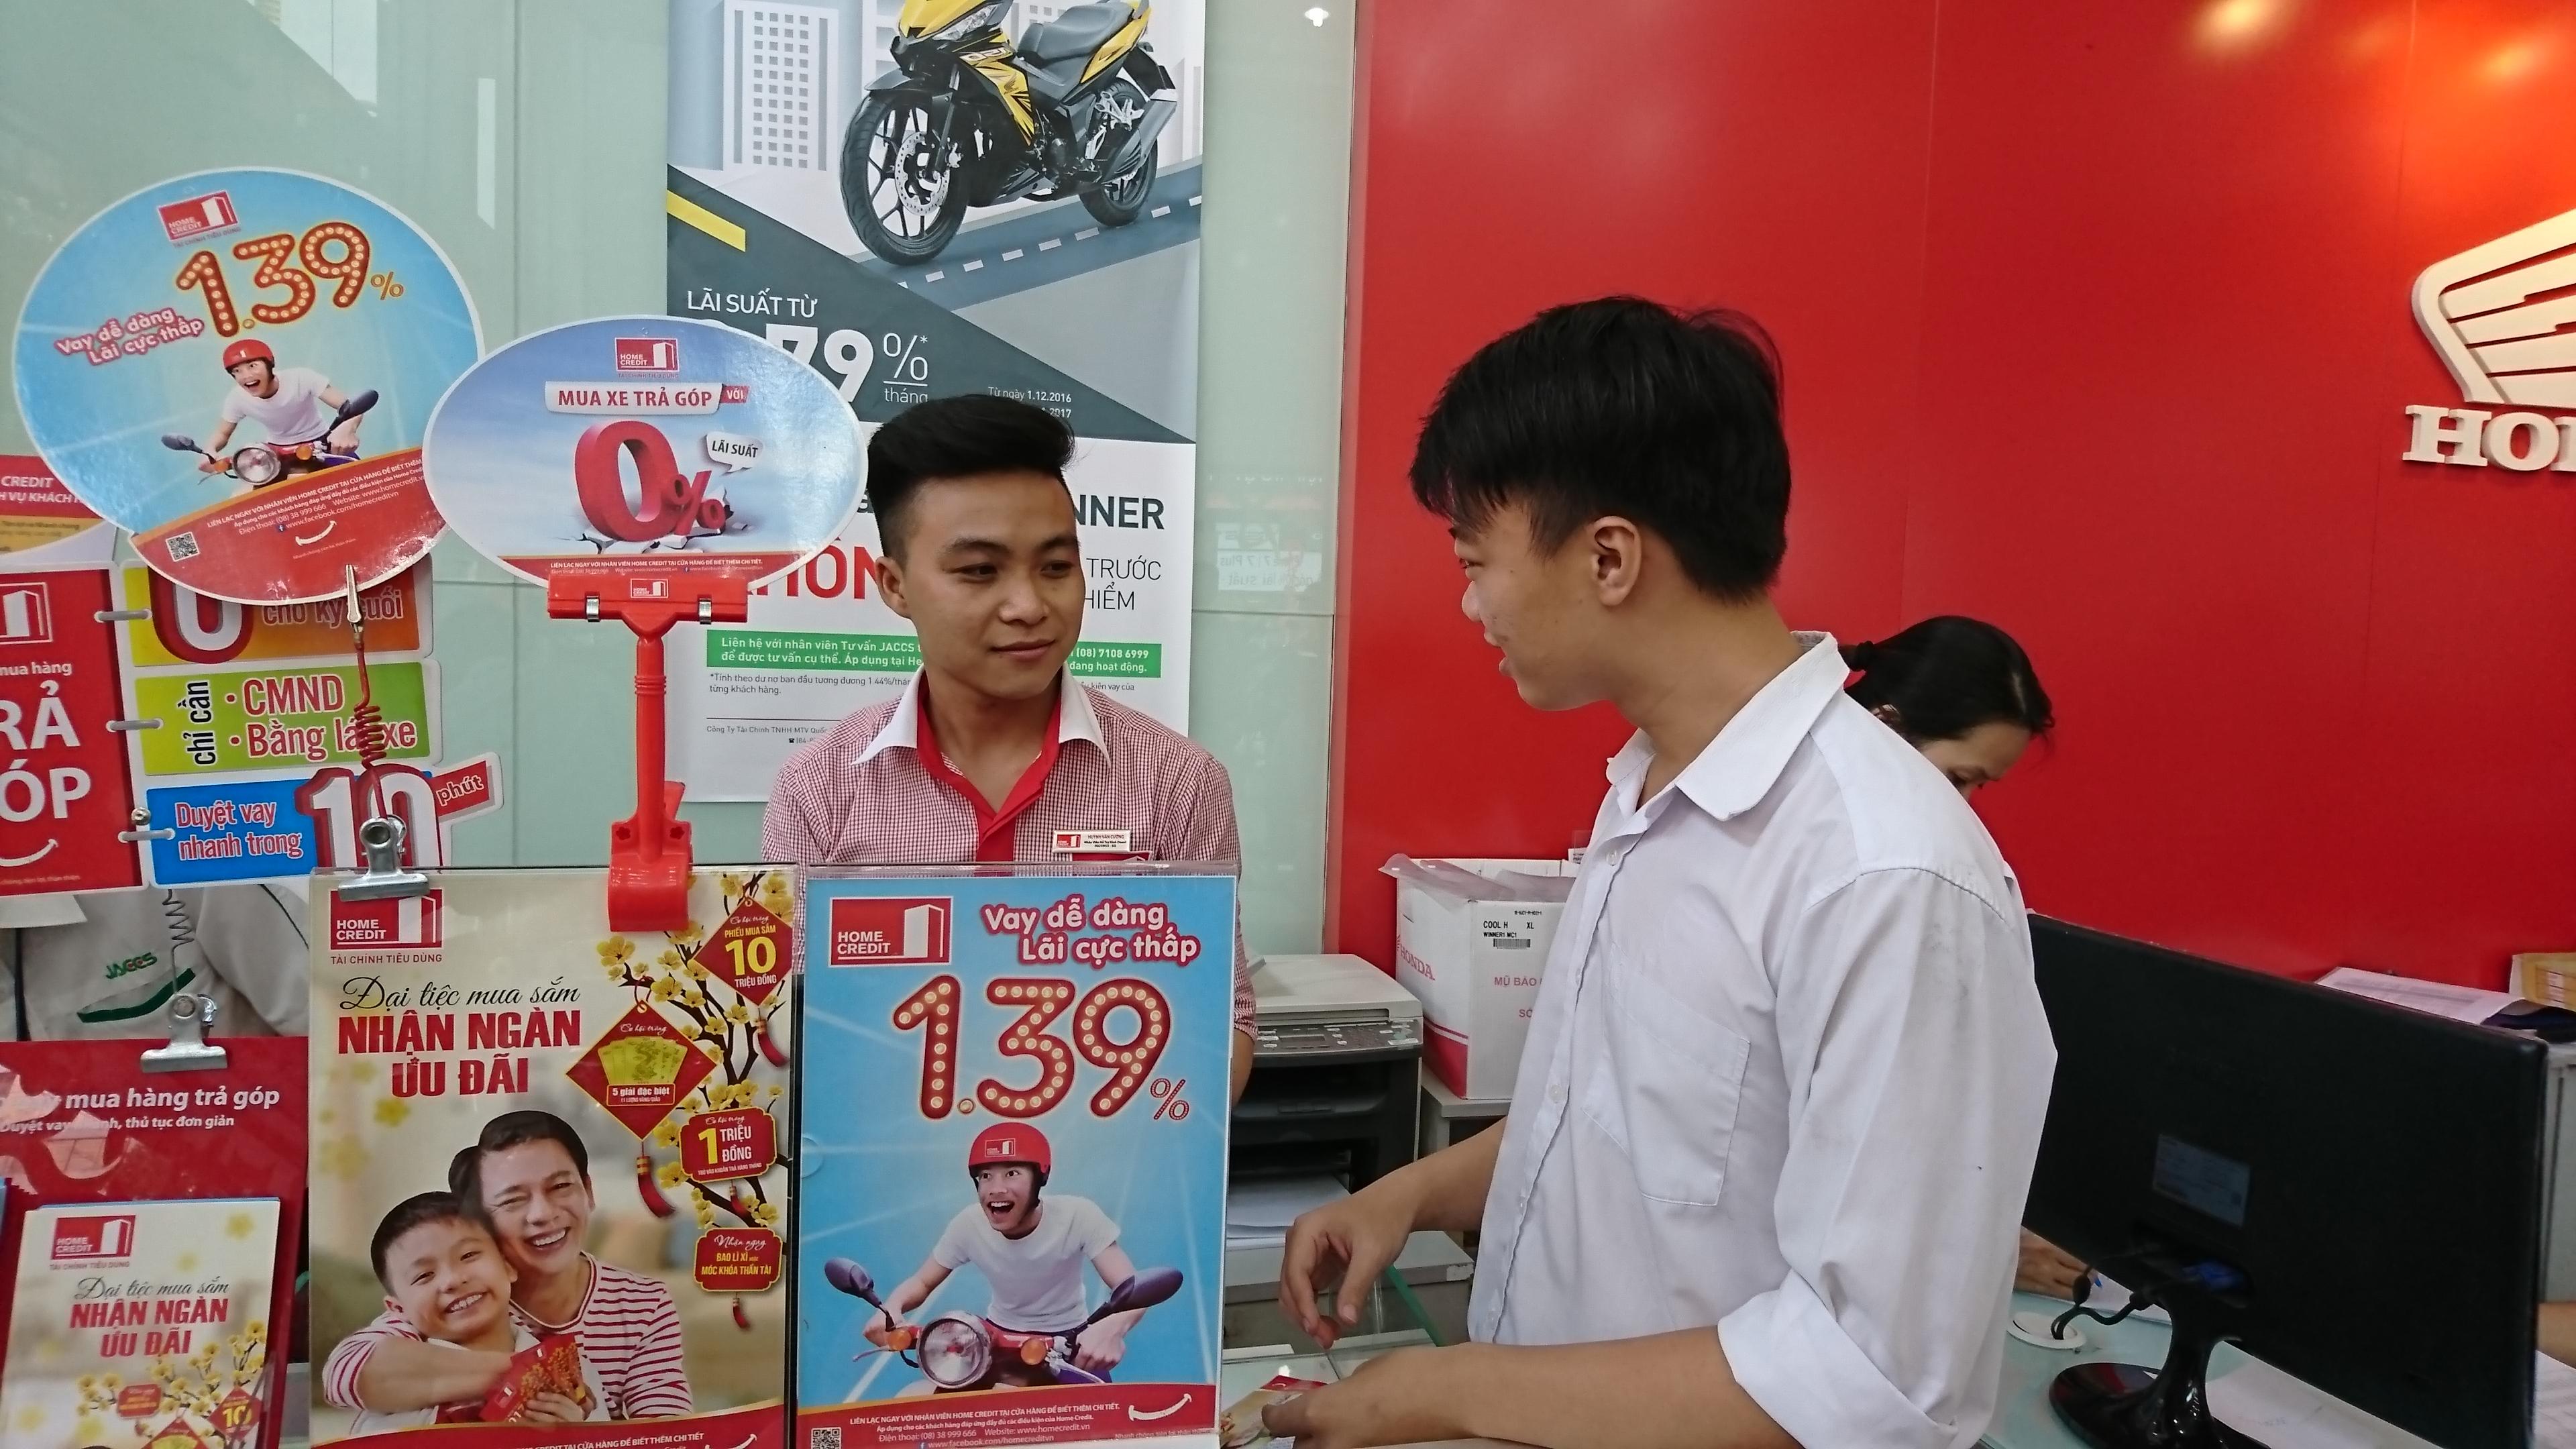 home credit vietnam records bumper crop